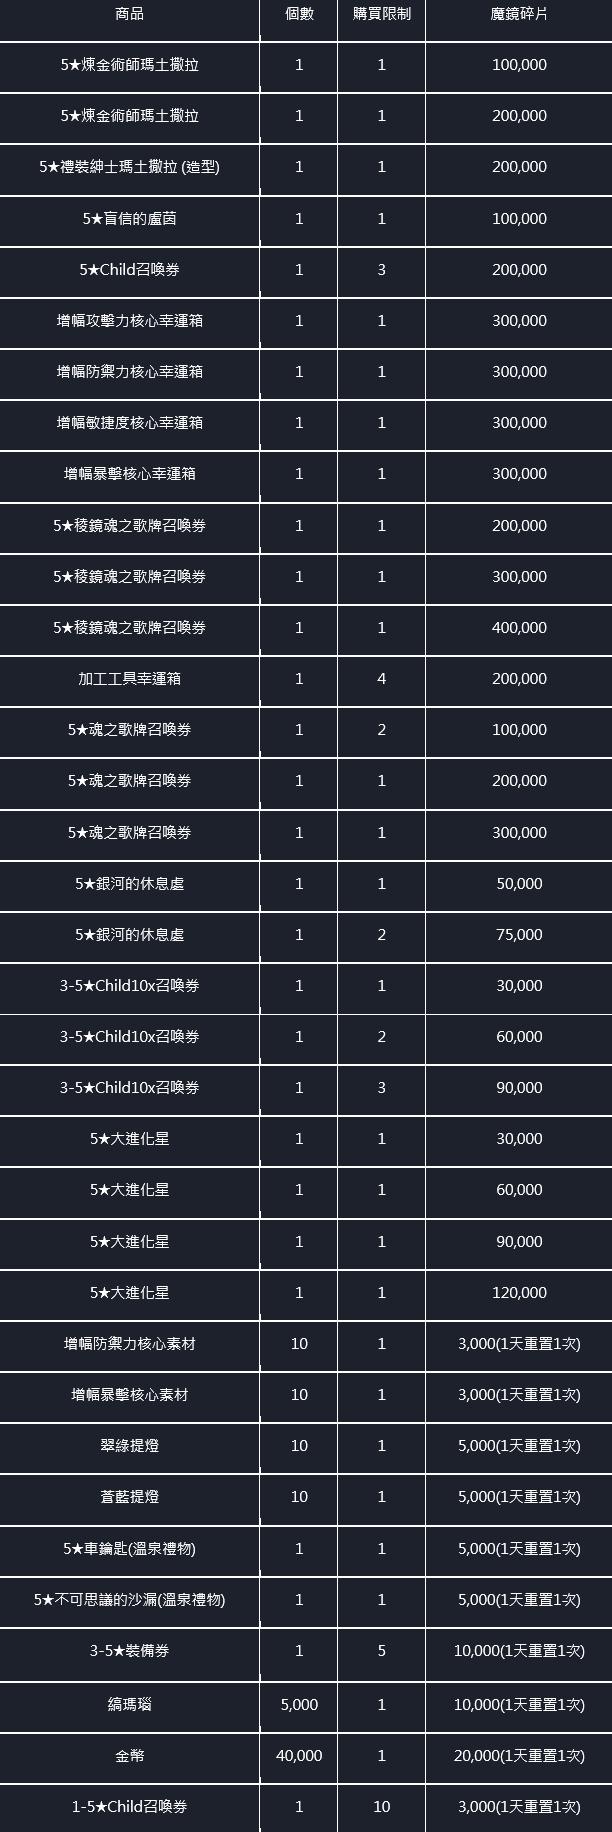 命運之子: 歷史新聞/活動 - 21/03/25改版公告 image 13